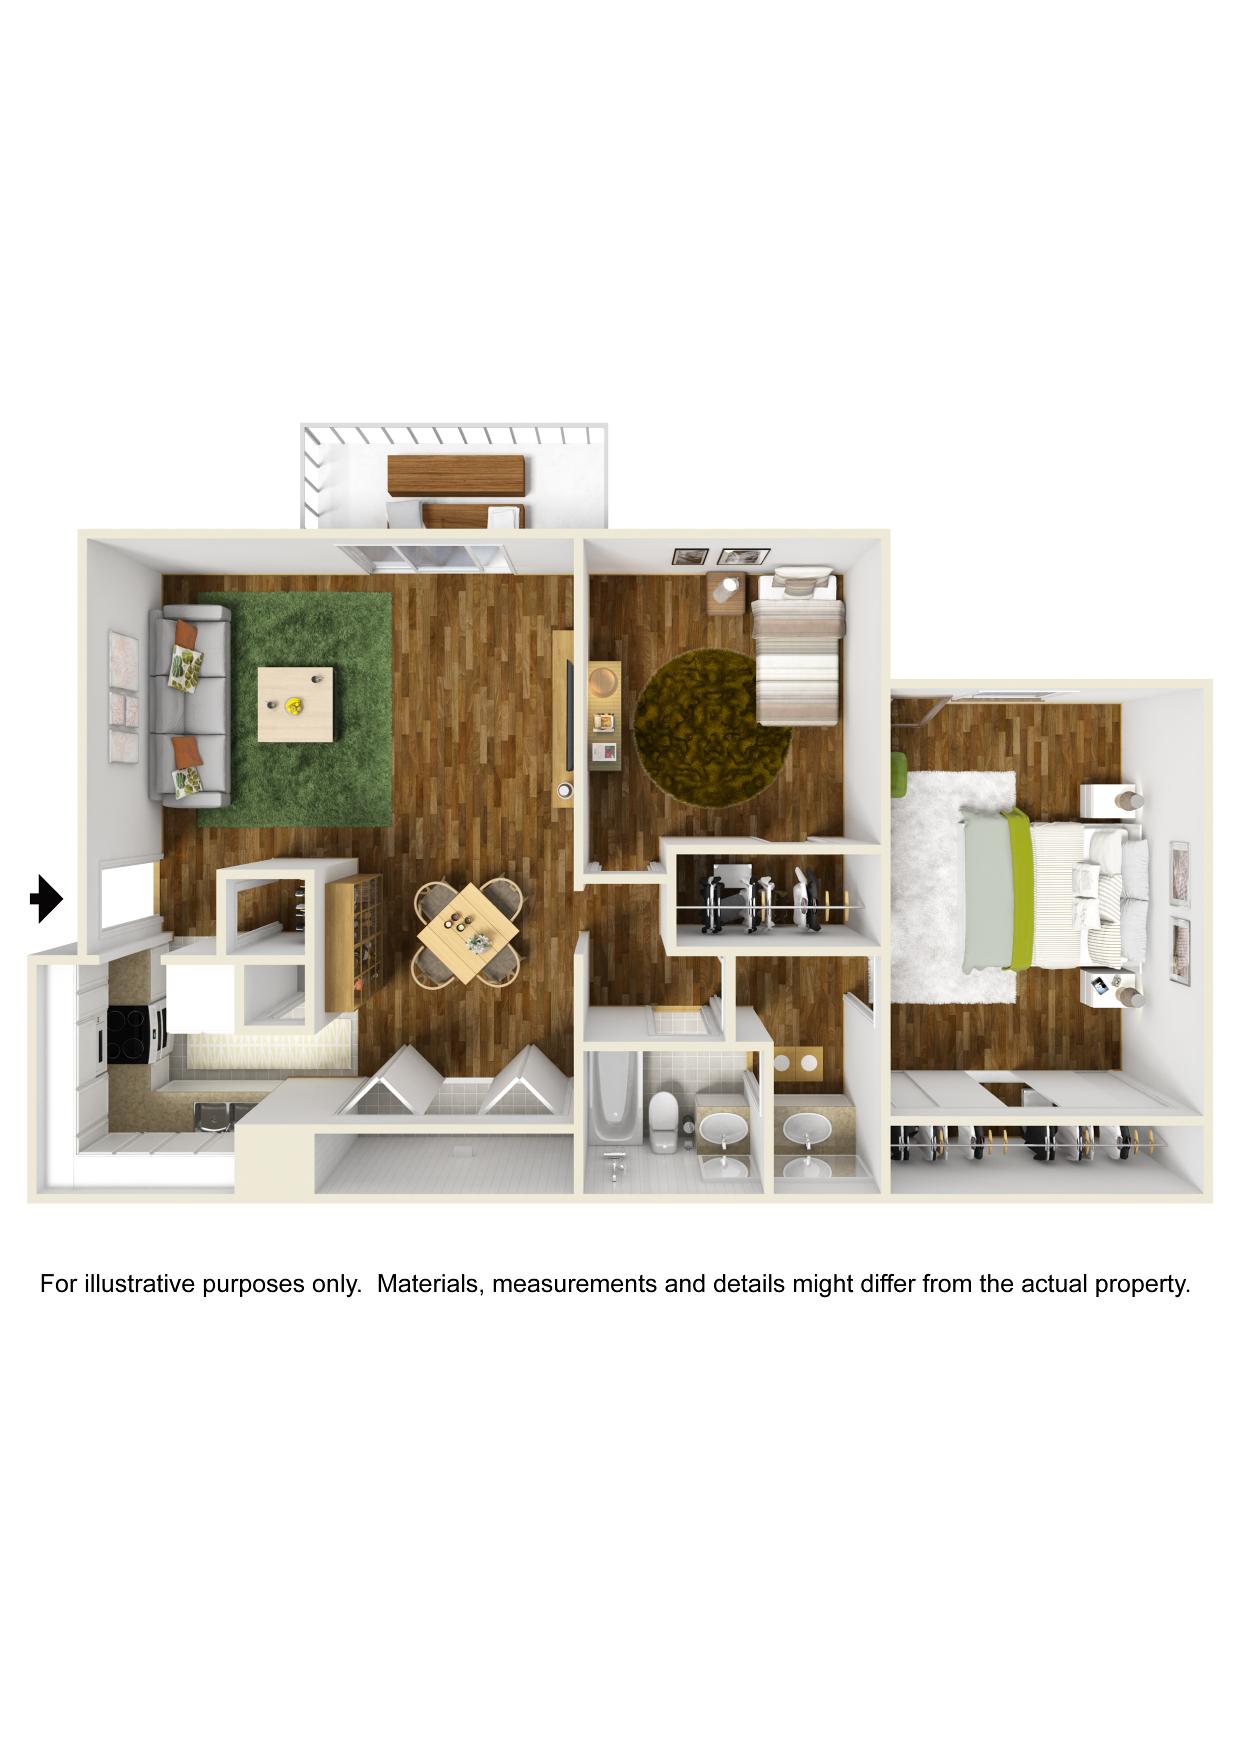 2 bedroom x 1 bathroom